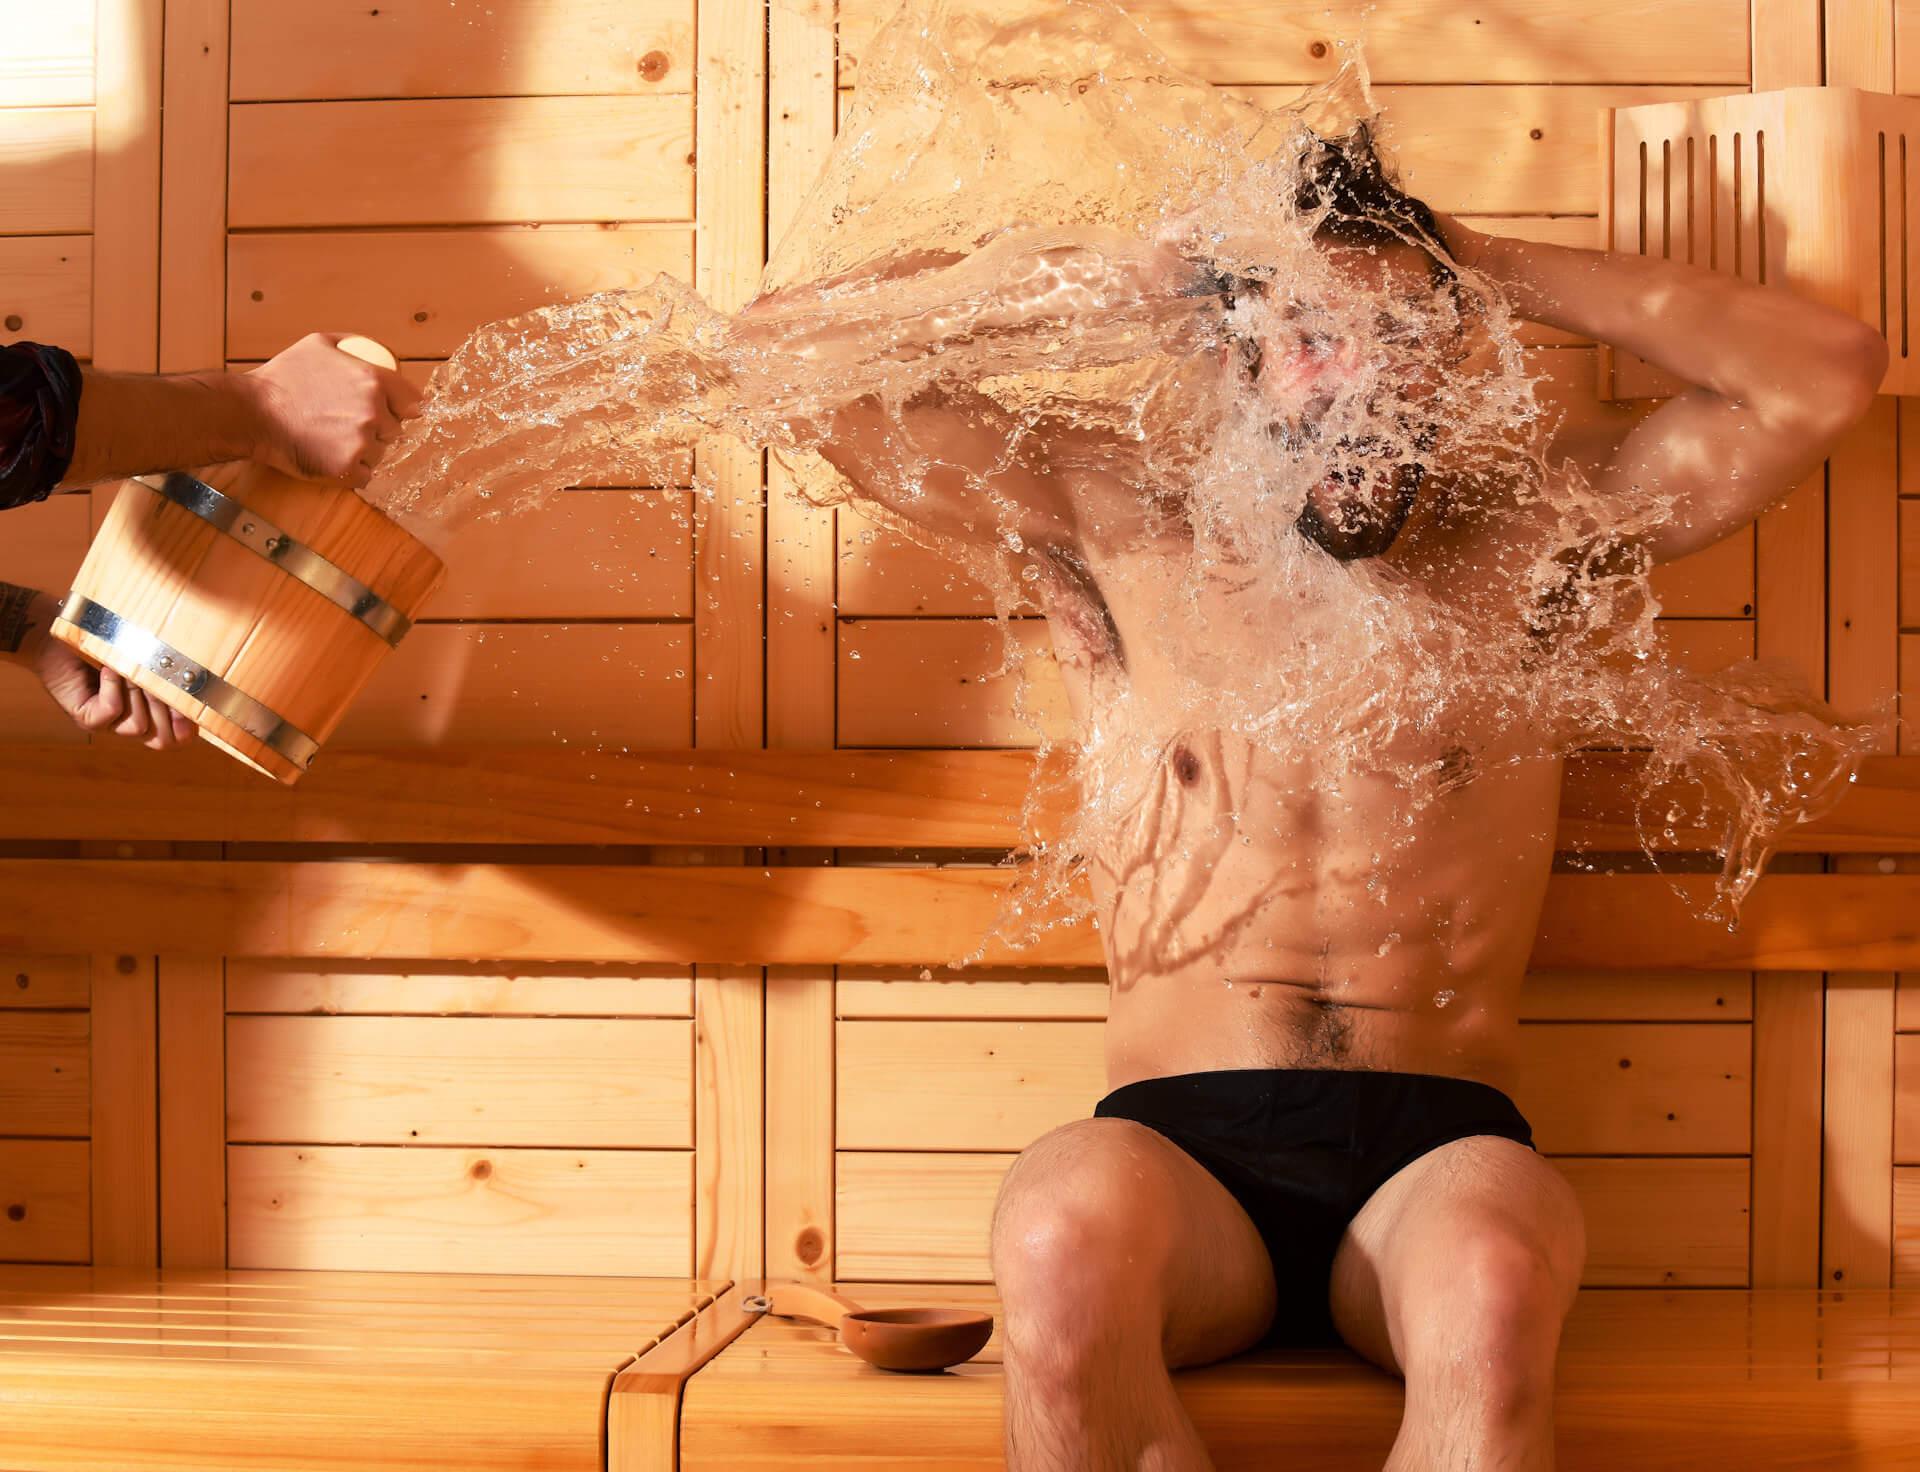 Mężczyzna siedzący w saunie oblewany wodą